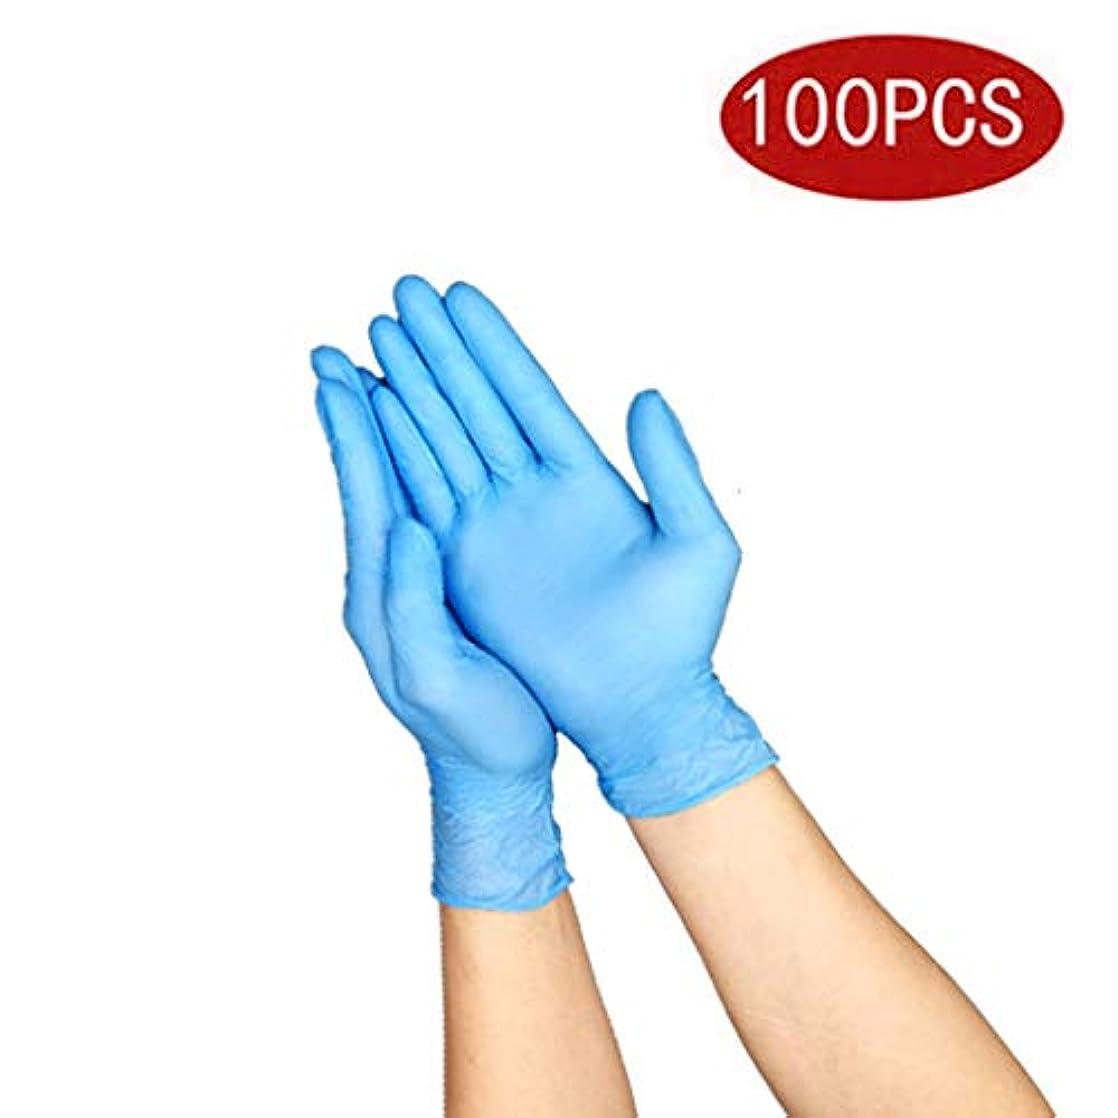 精度危険を冒します許可9インチ使い捨てニトリル手袋ラテックス手袋100のラバー食品グレードホームペットケアボックス (Size : L)